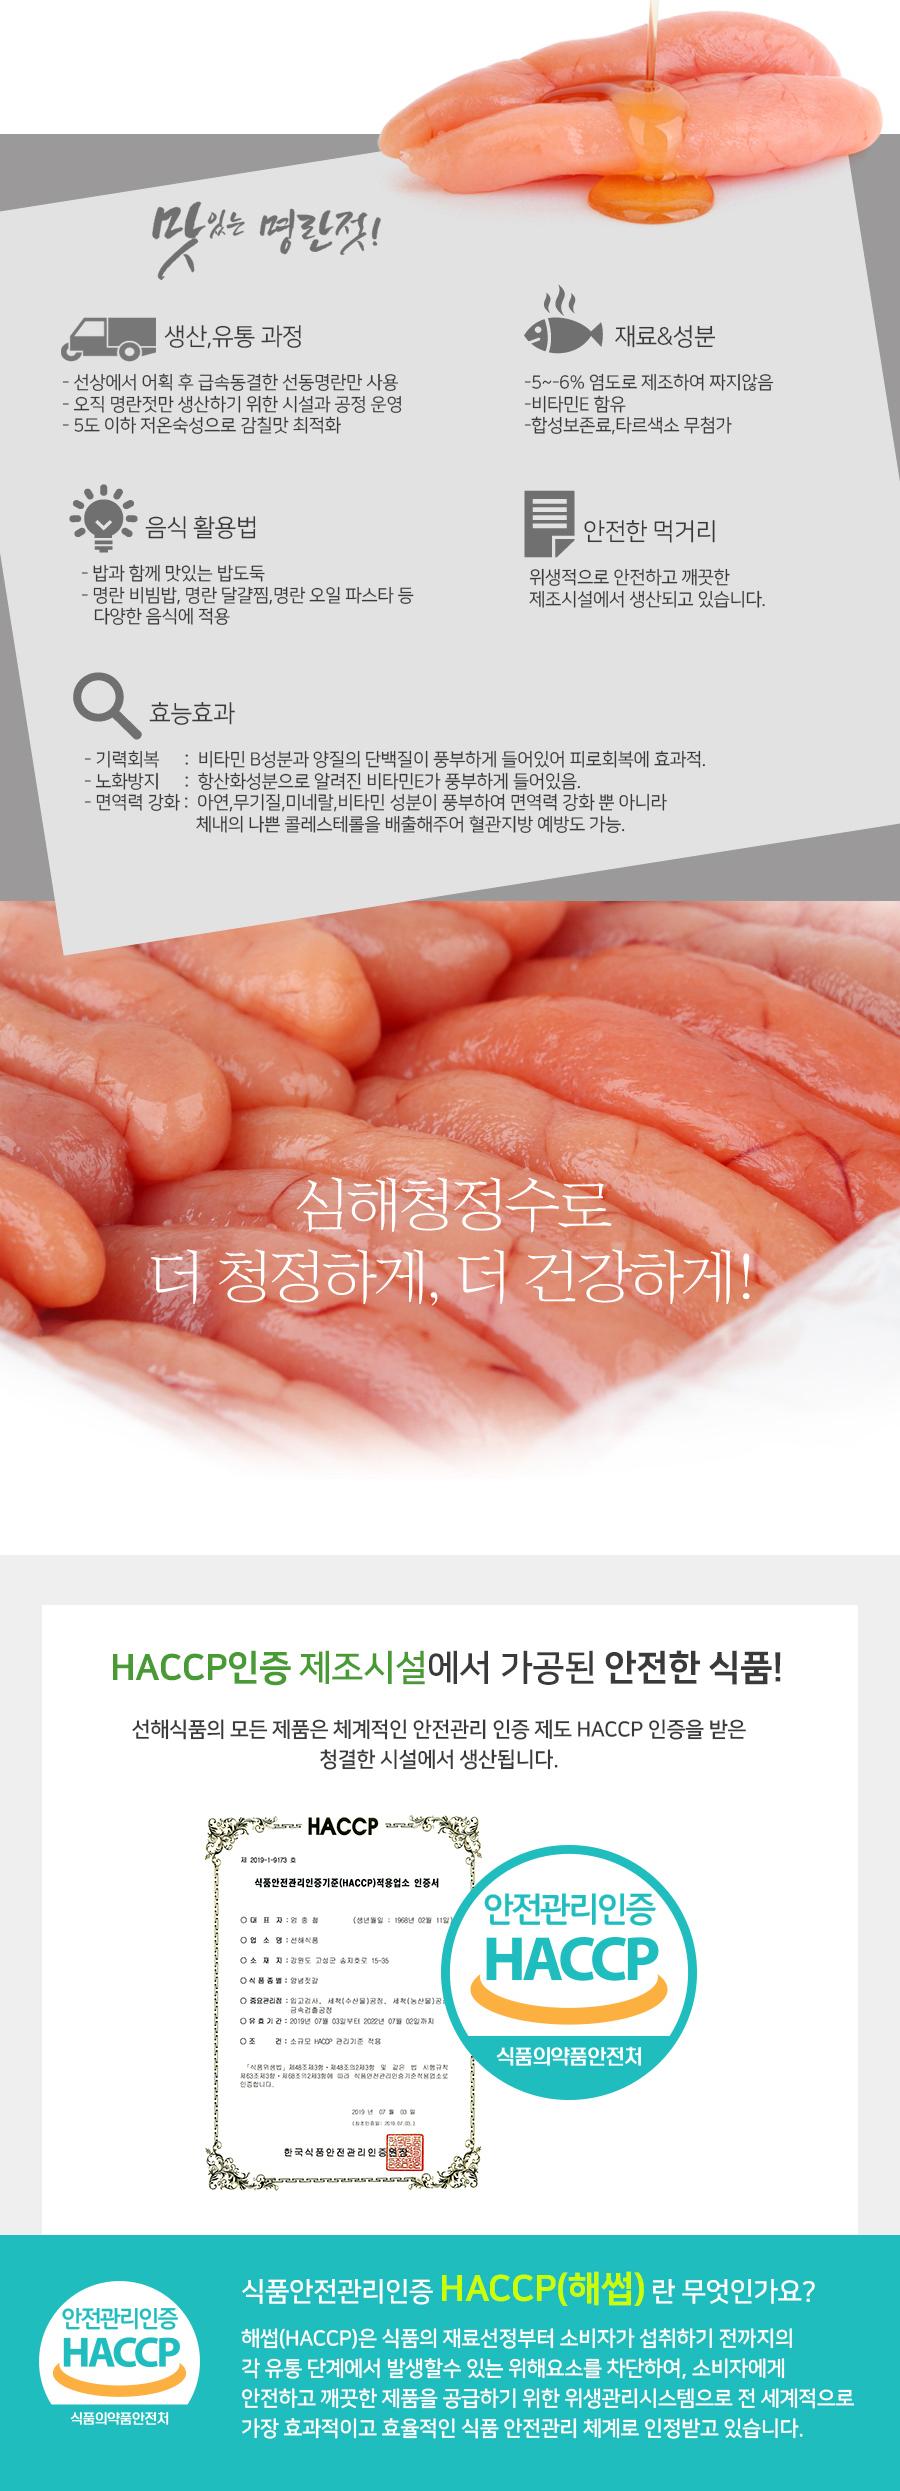 0106_명란시대_상세이미지_06.jpg